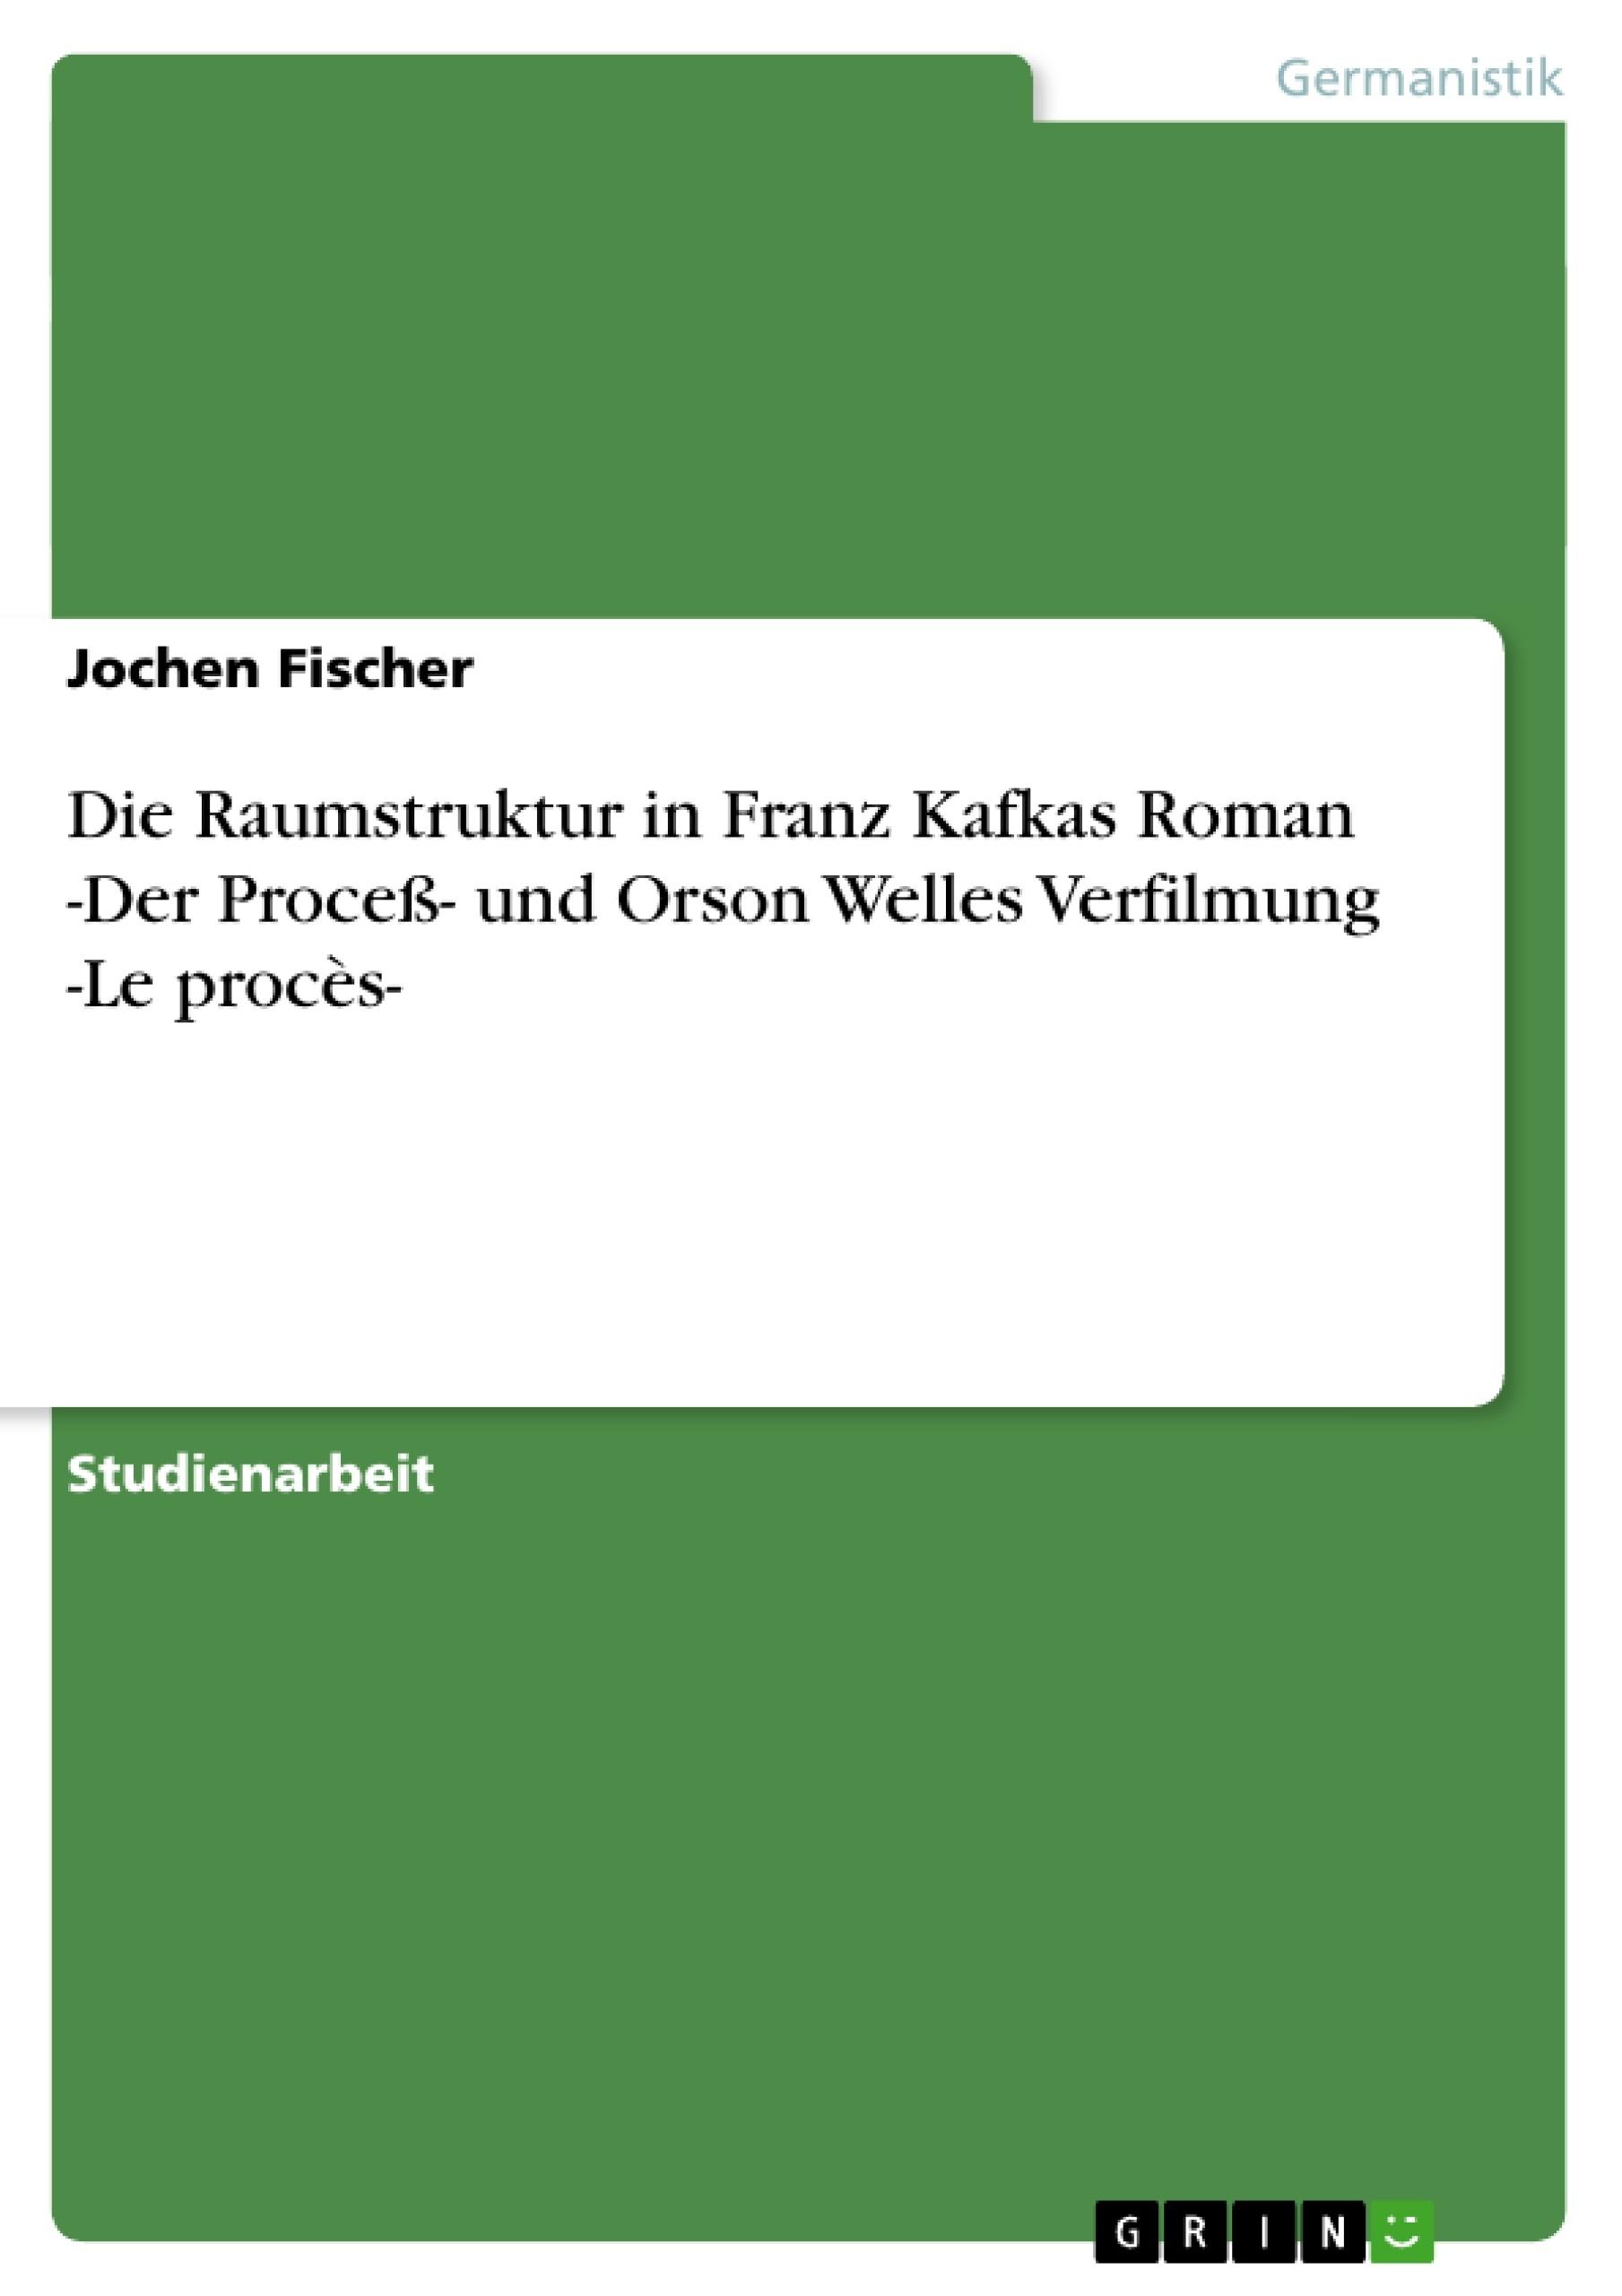 Titel: Die Raumstruktur in Franz Kafkas Roman -Der Proceß- und Orson Welles Verfilmung -Le procès-